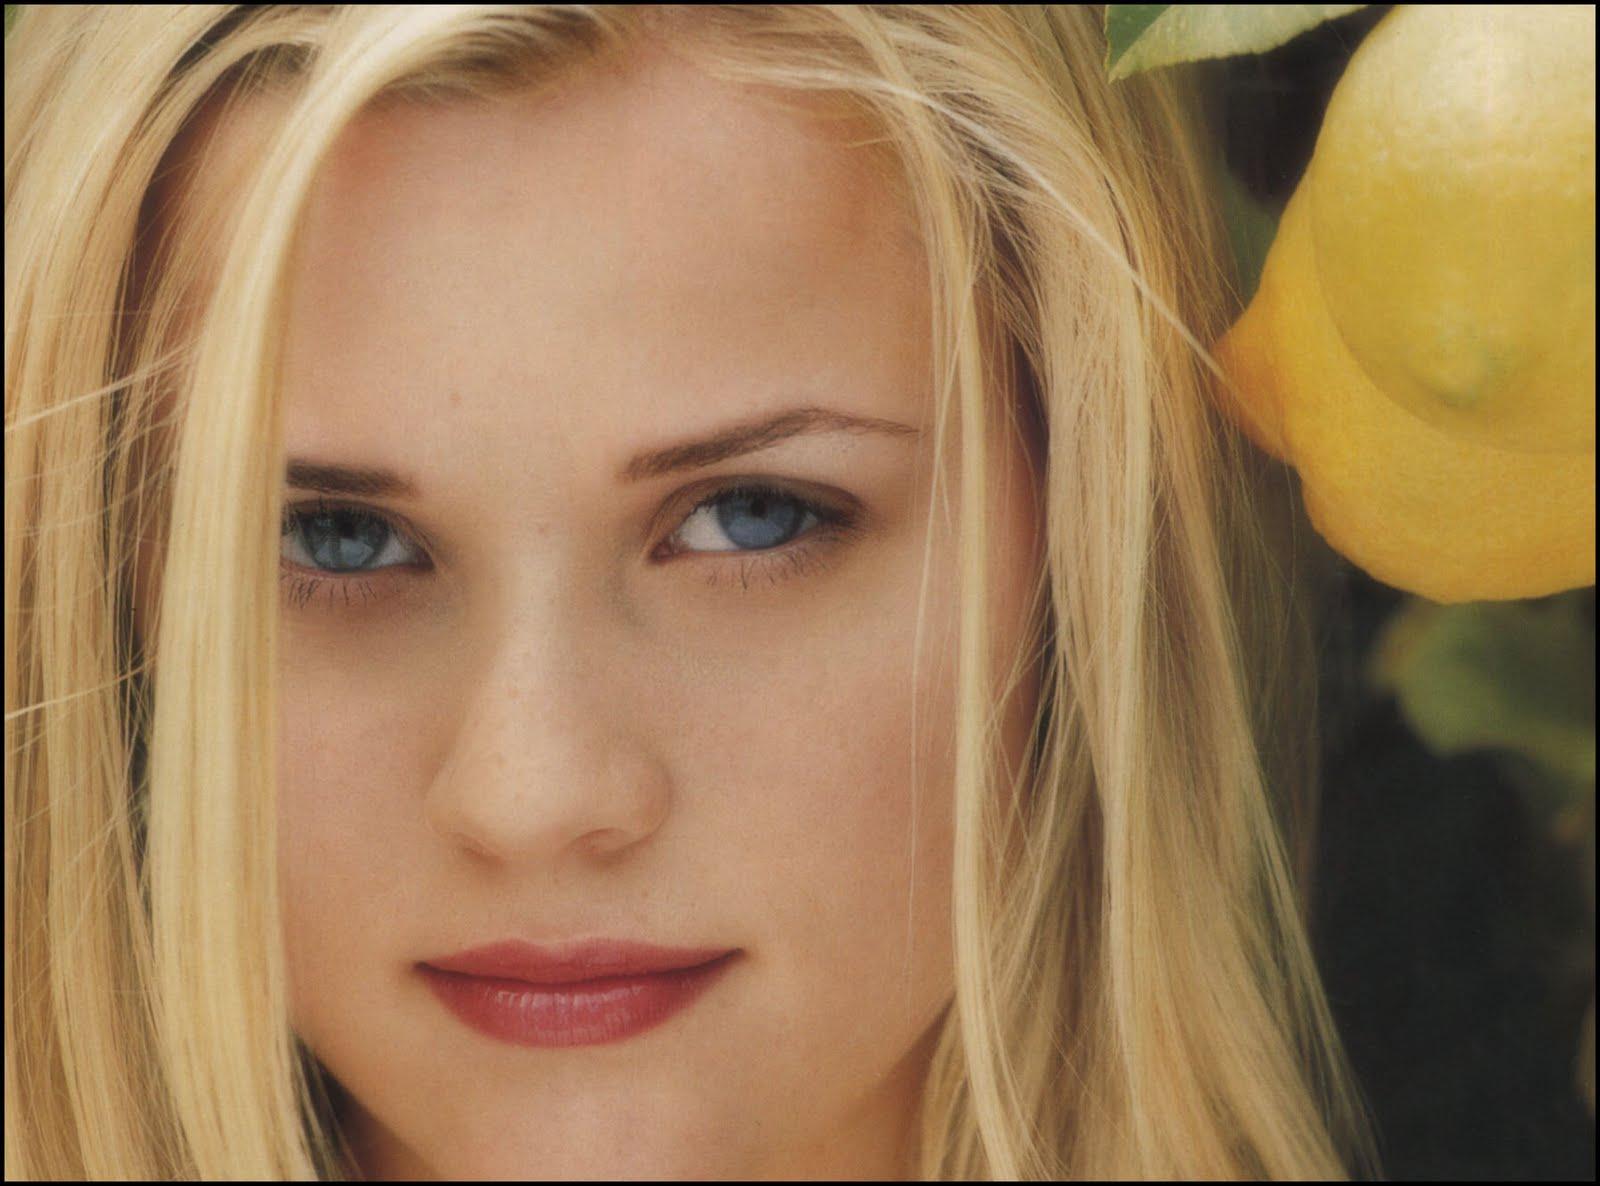 http://1.bp.blogspot.com/-2lv52foeYh0/TX0pb2J2tCI/AAAAAAAAOI8/F0CMQMjglR8/s1600/ReeseWitherspoon_1998_100.jpg